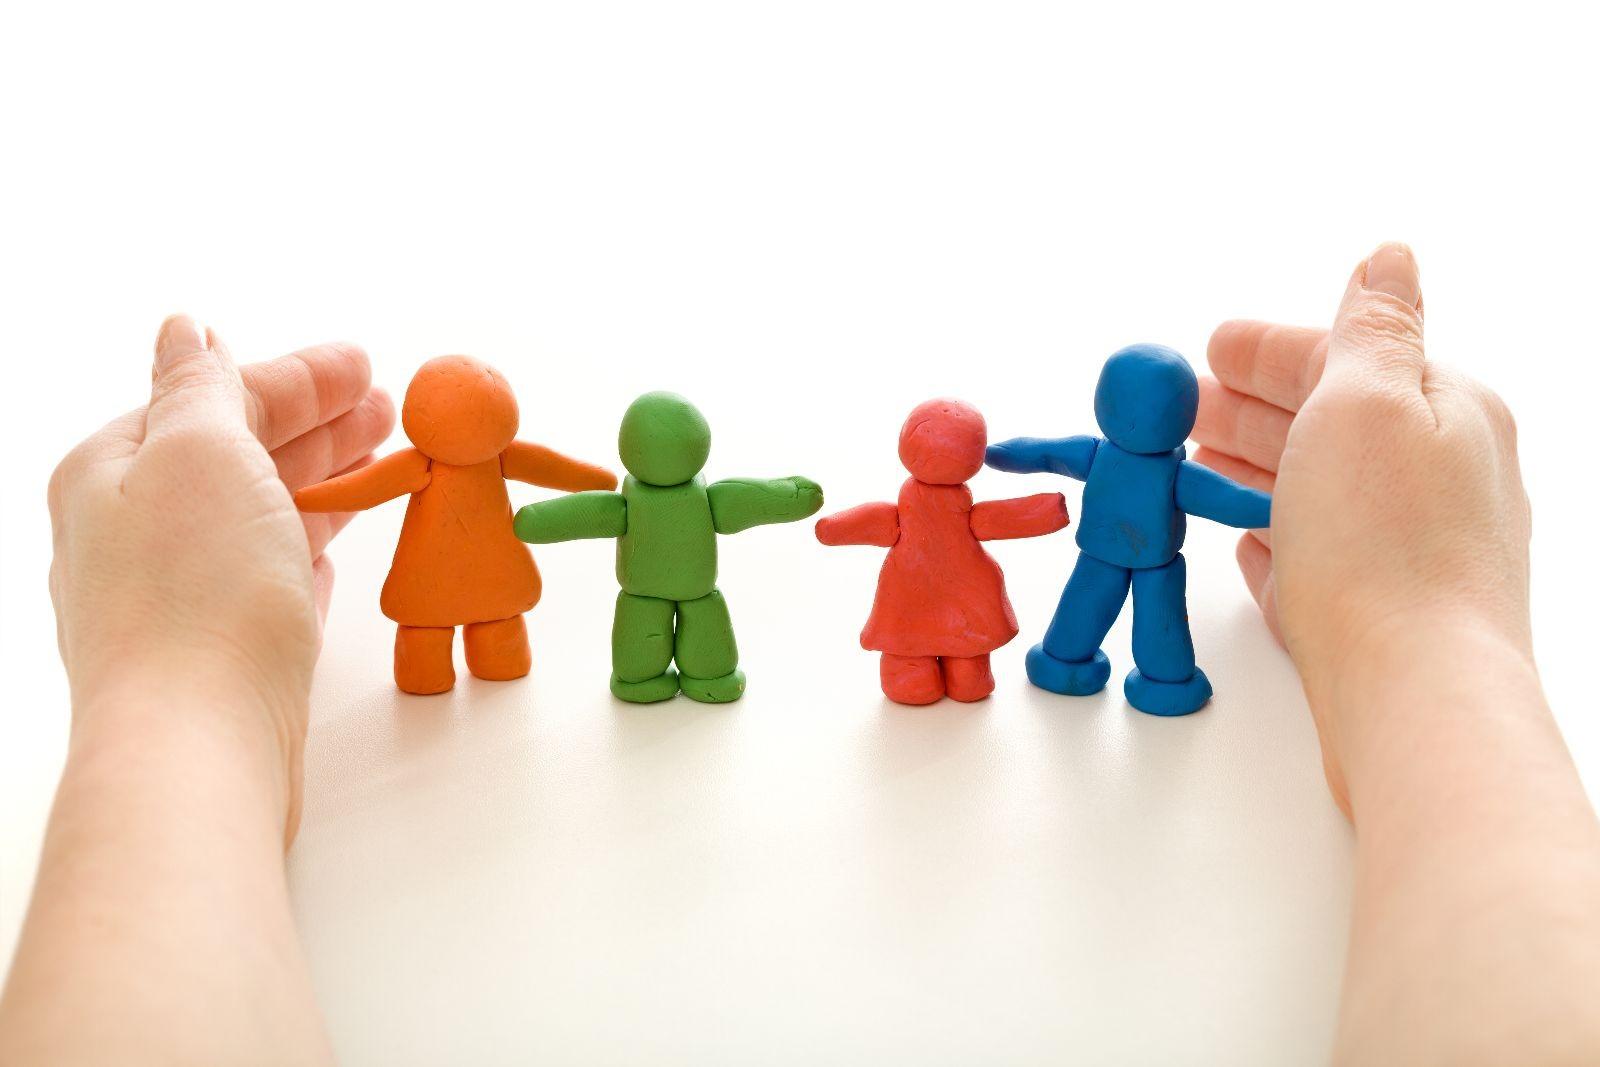 manos cubriendo figuras de personas